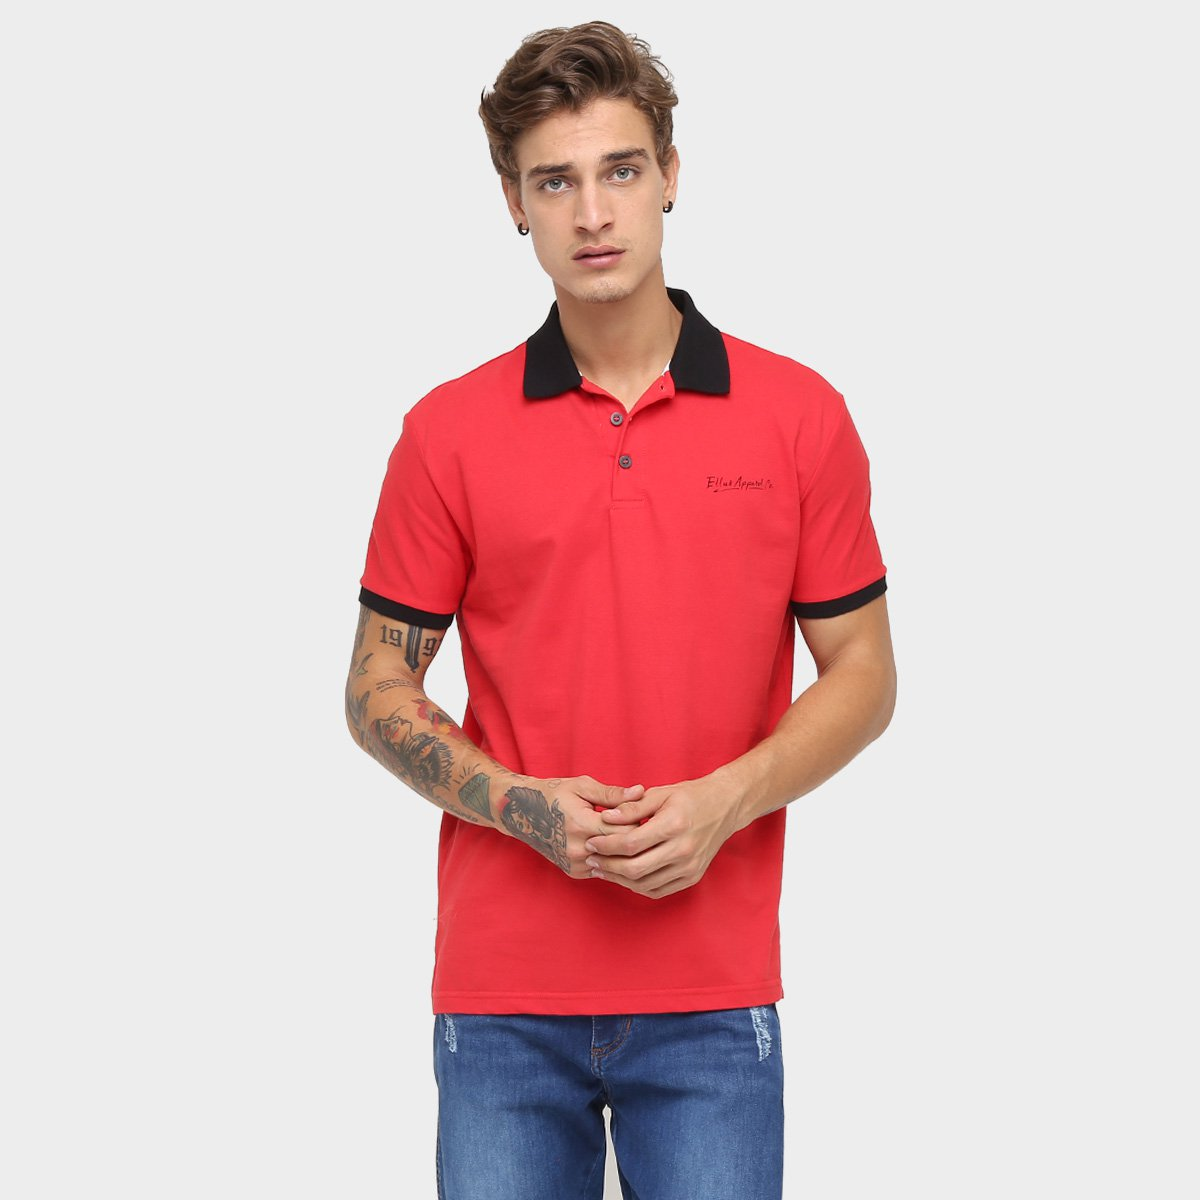 Compre Armário Classic Líder Design Vermelho: Camisa Polo Ellus Piquet Classic - Compre Agora